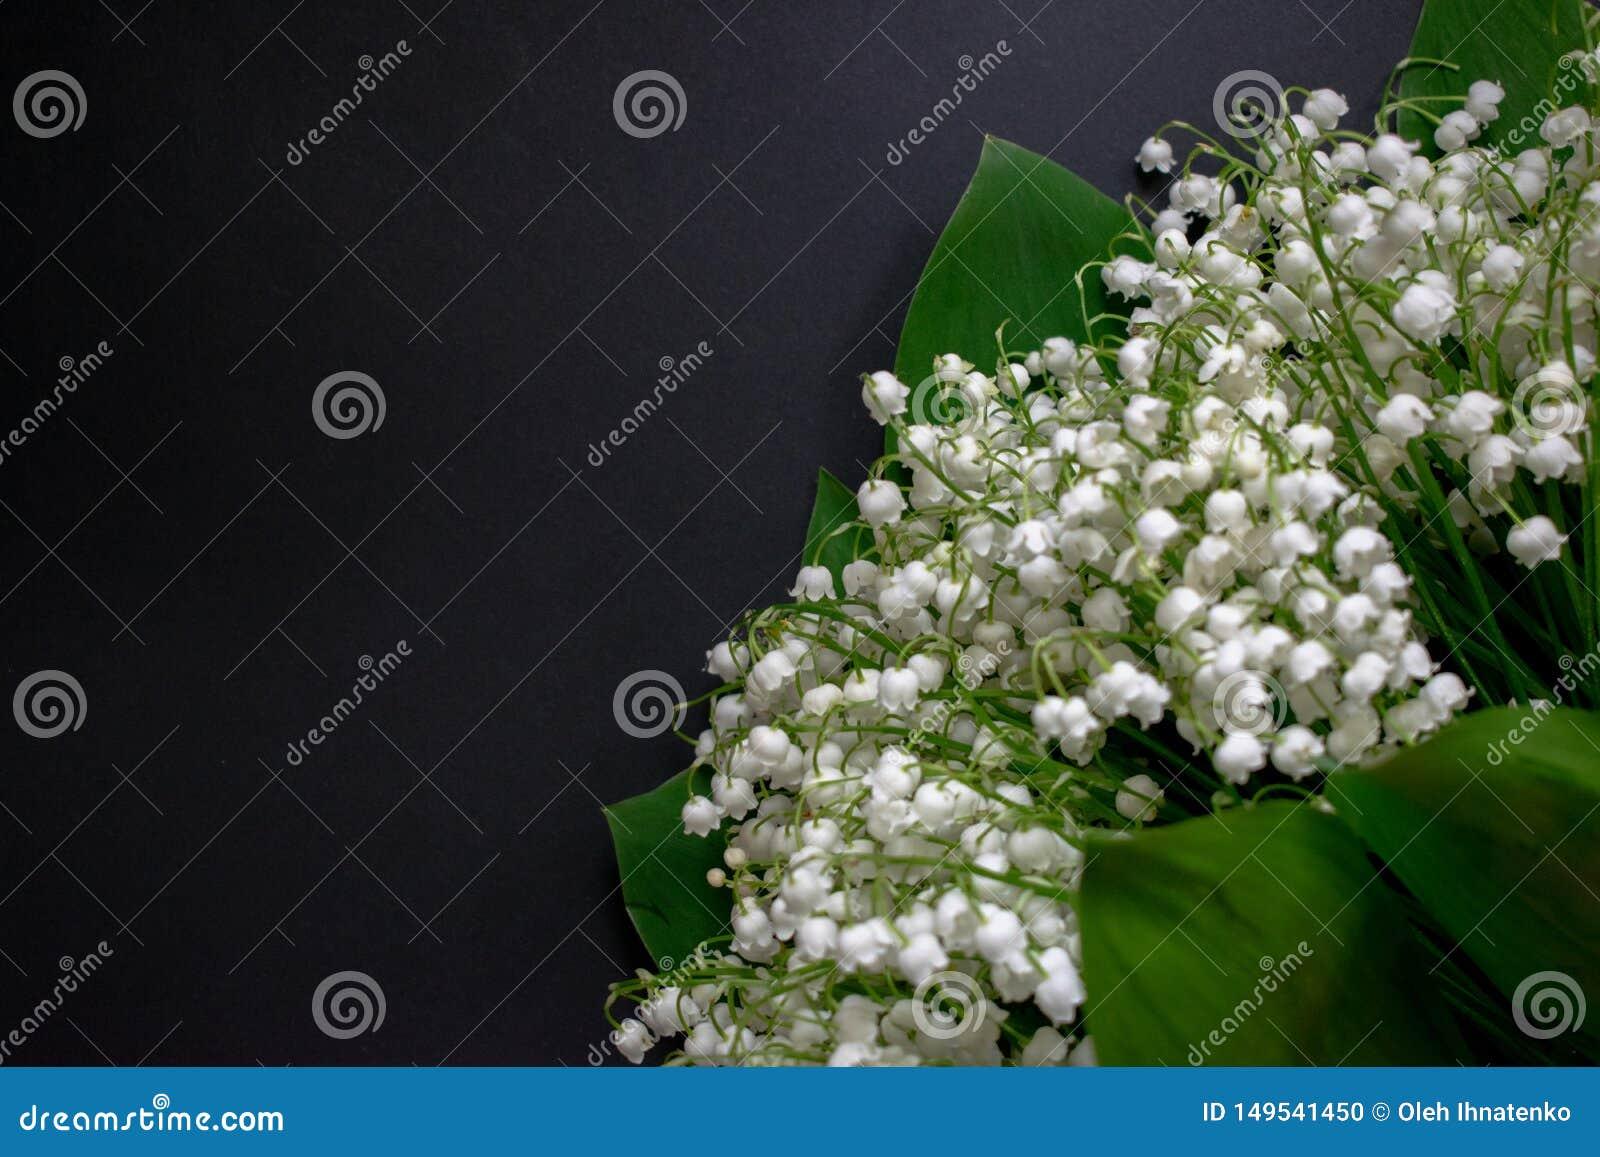 Lelietje-van-dalenbloemen op een zwarte achtergrond 6